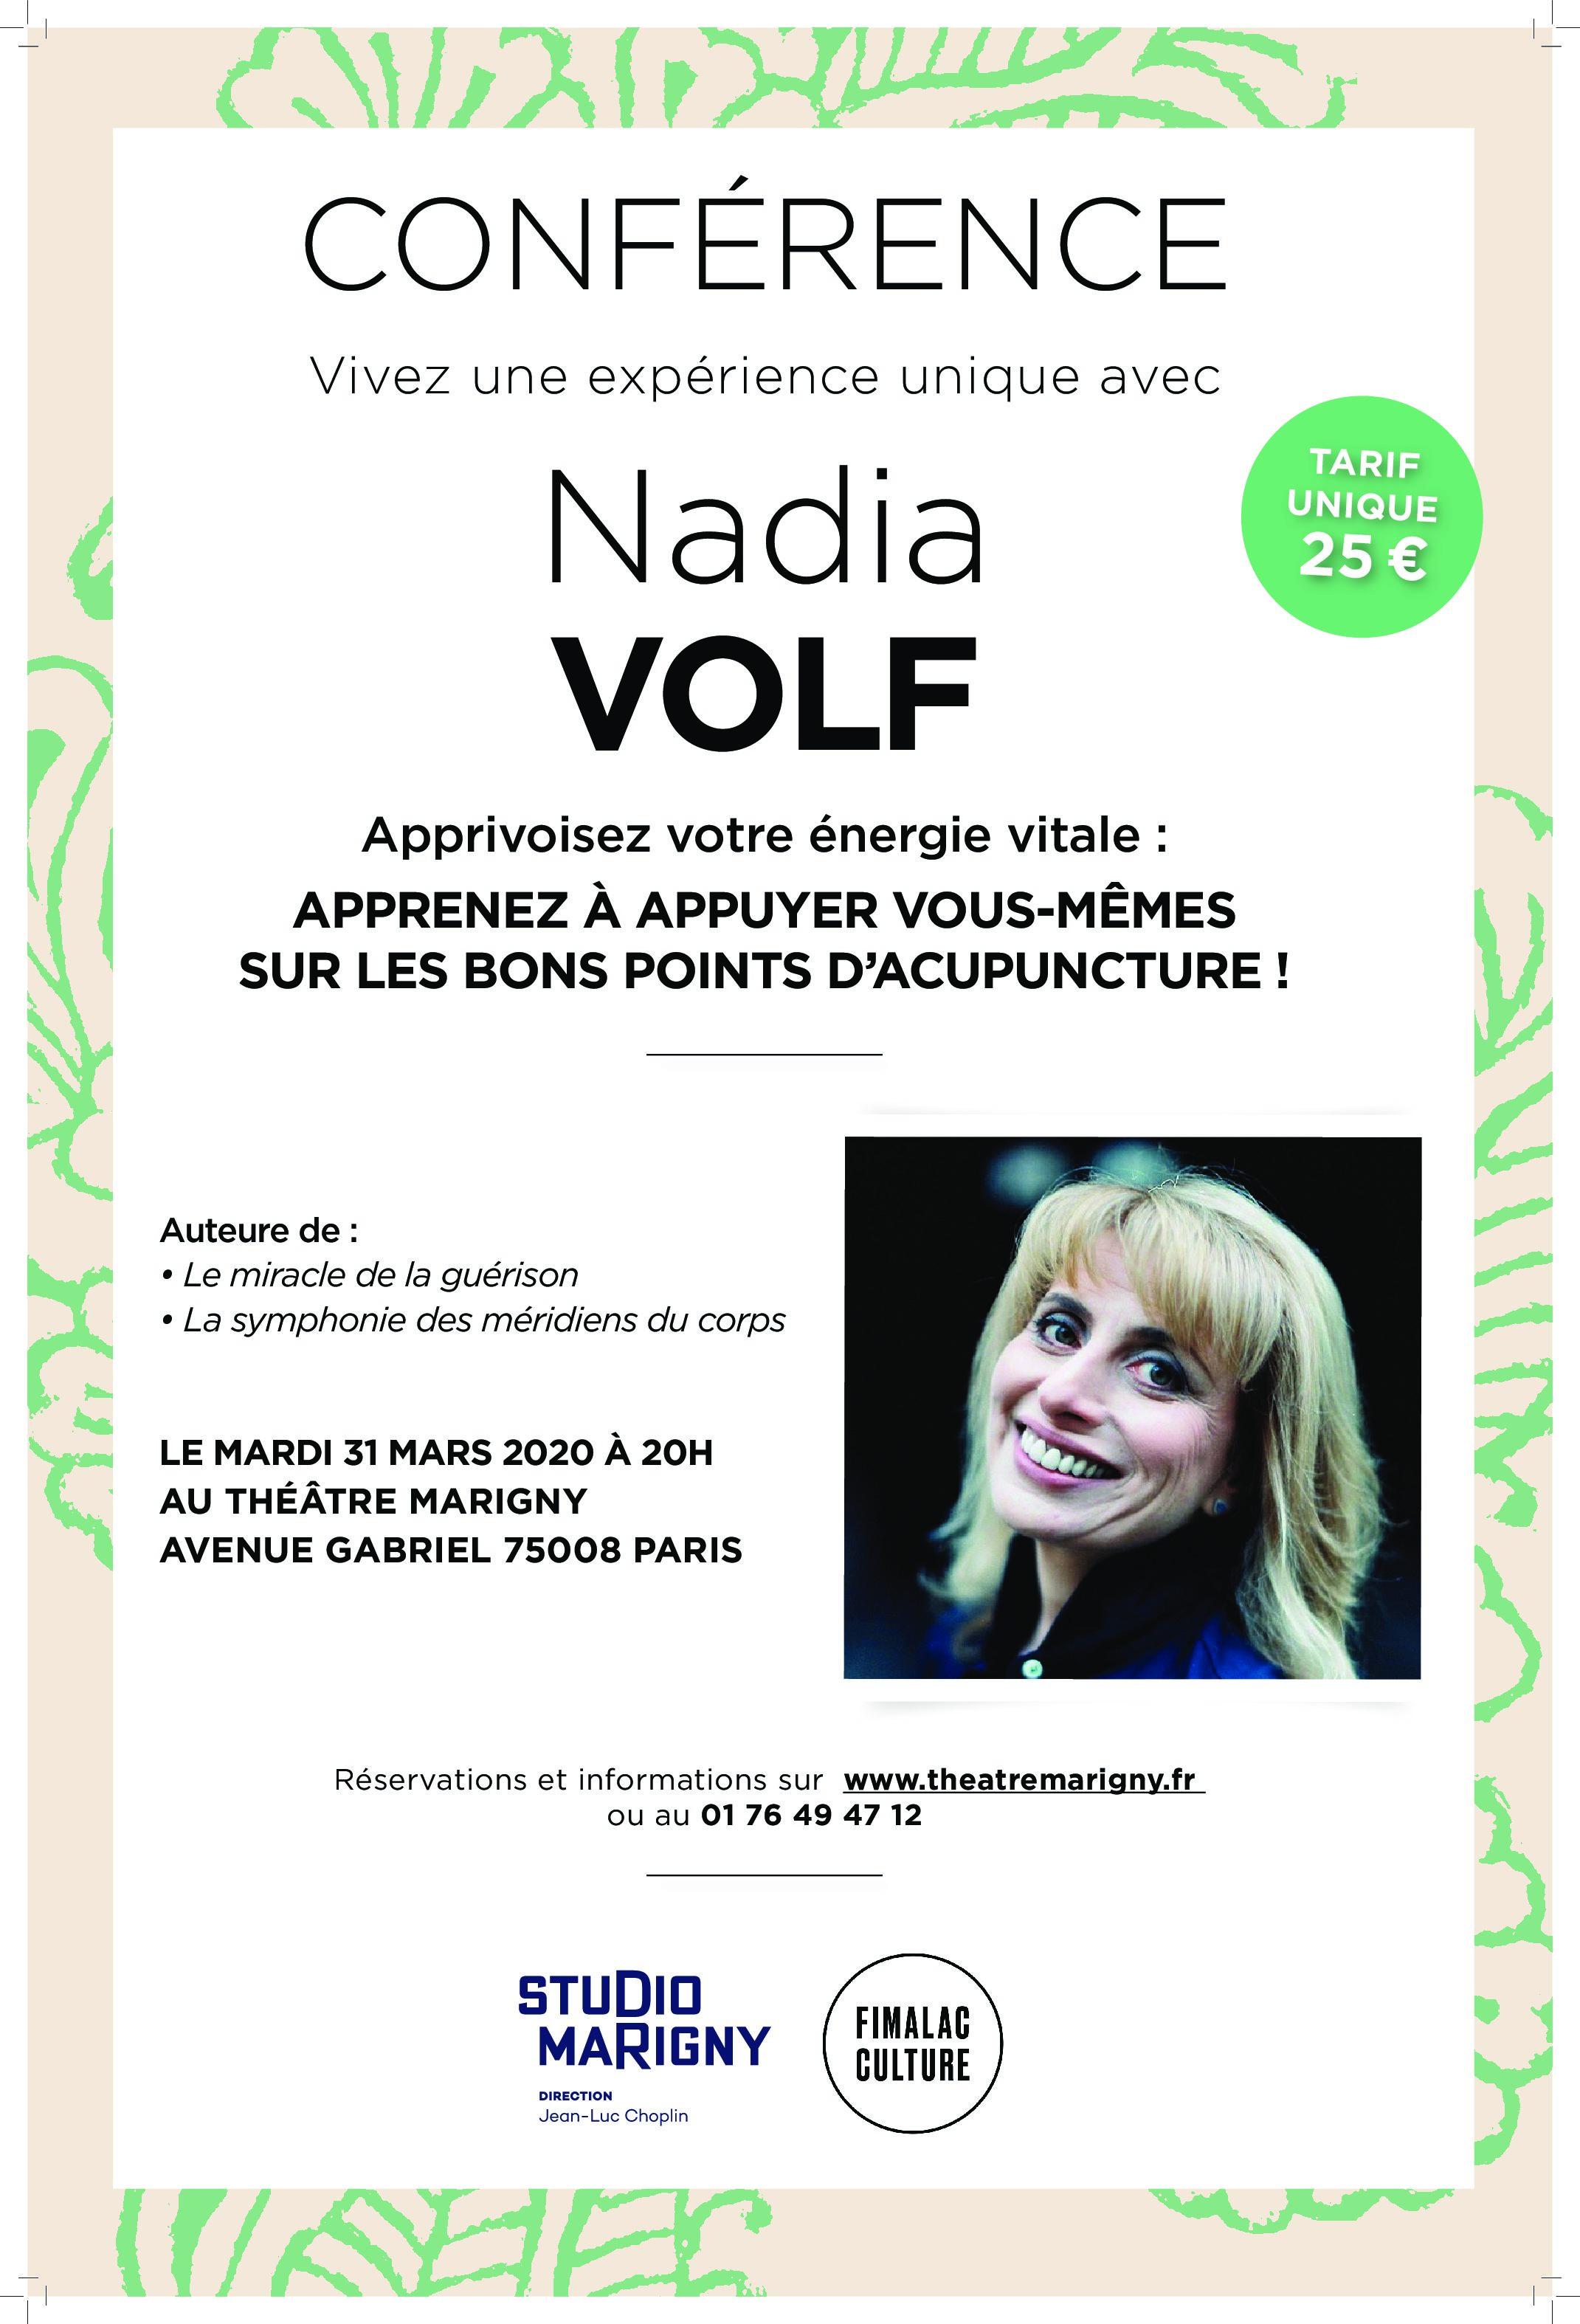 Conférence Nadia Volf : Apprivoisez-votre énergie vitale !